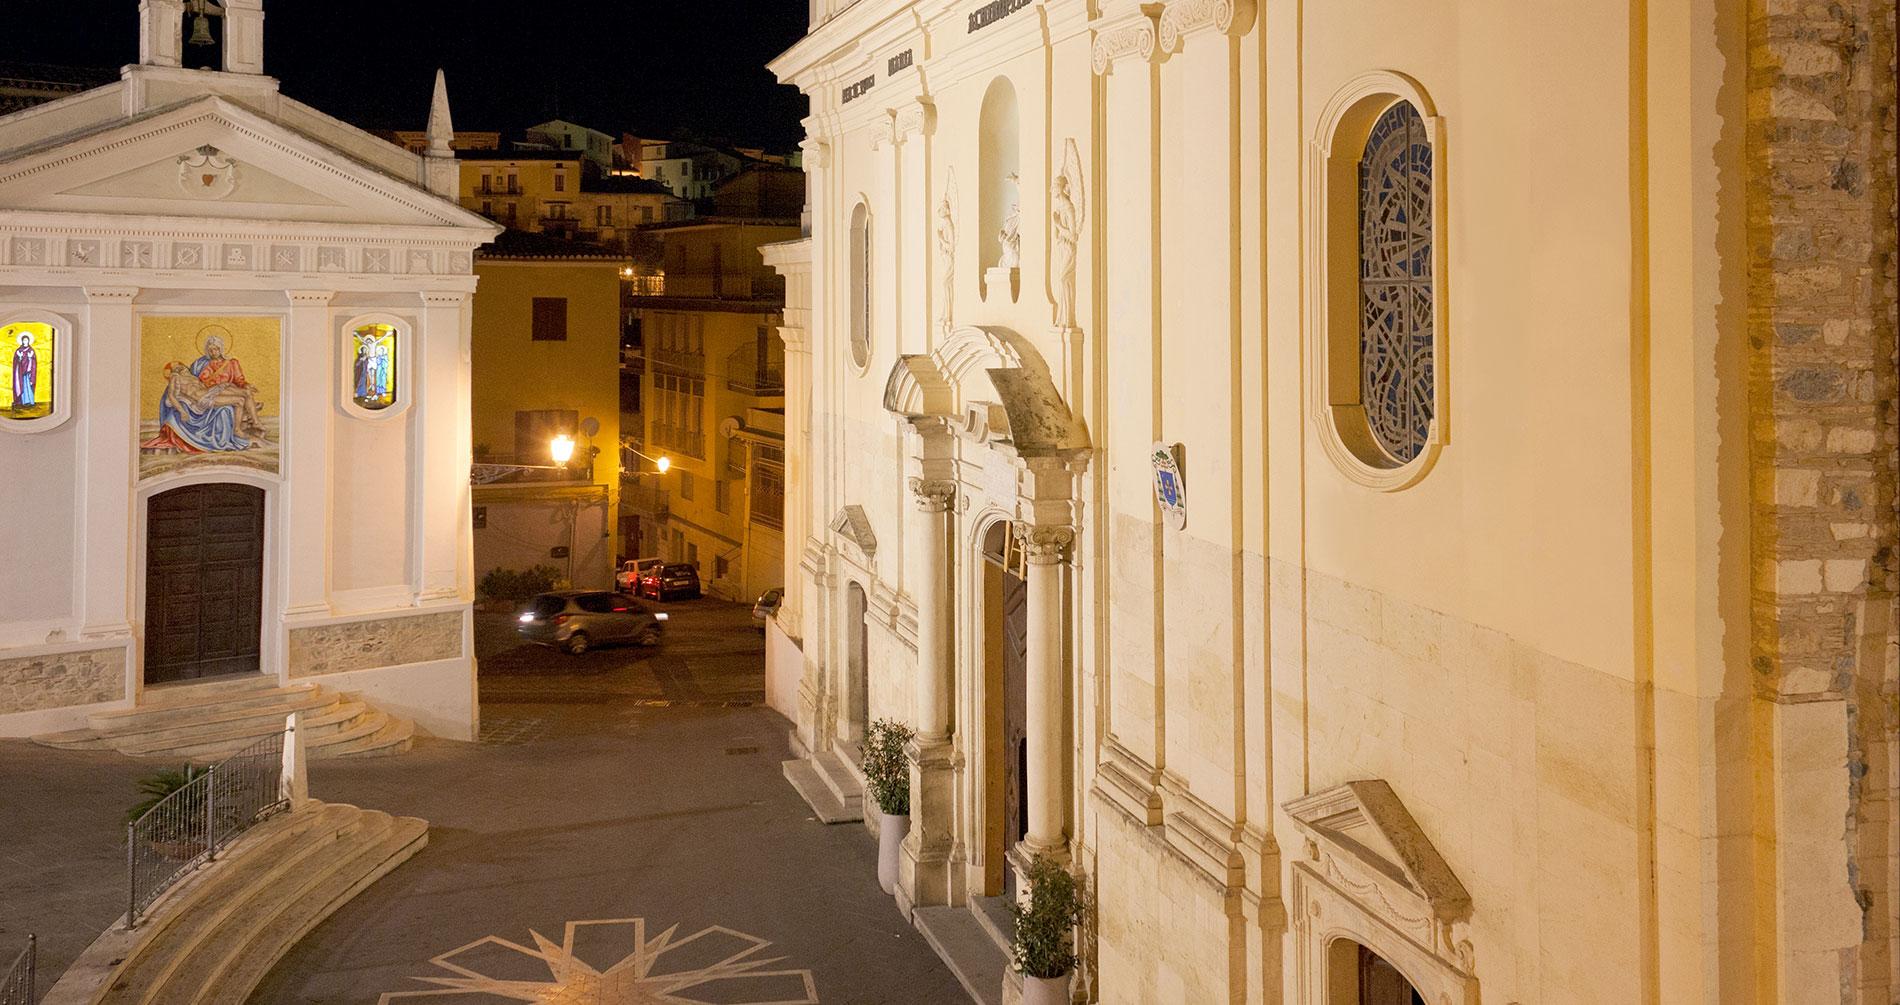 Piazza Duomo vista da una stanza del Domus Pupurea